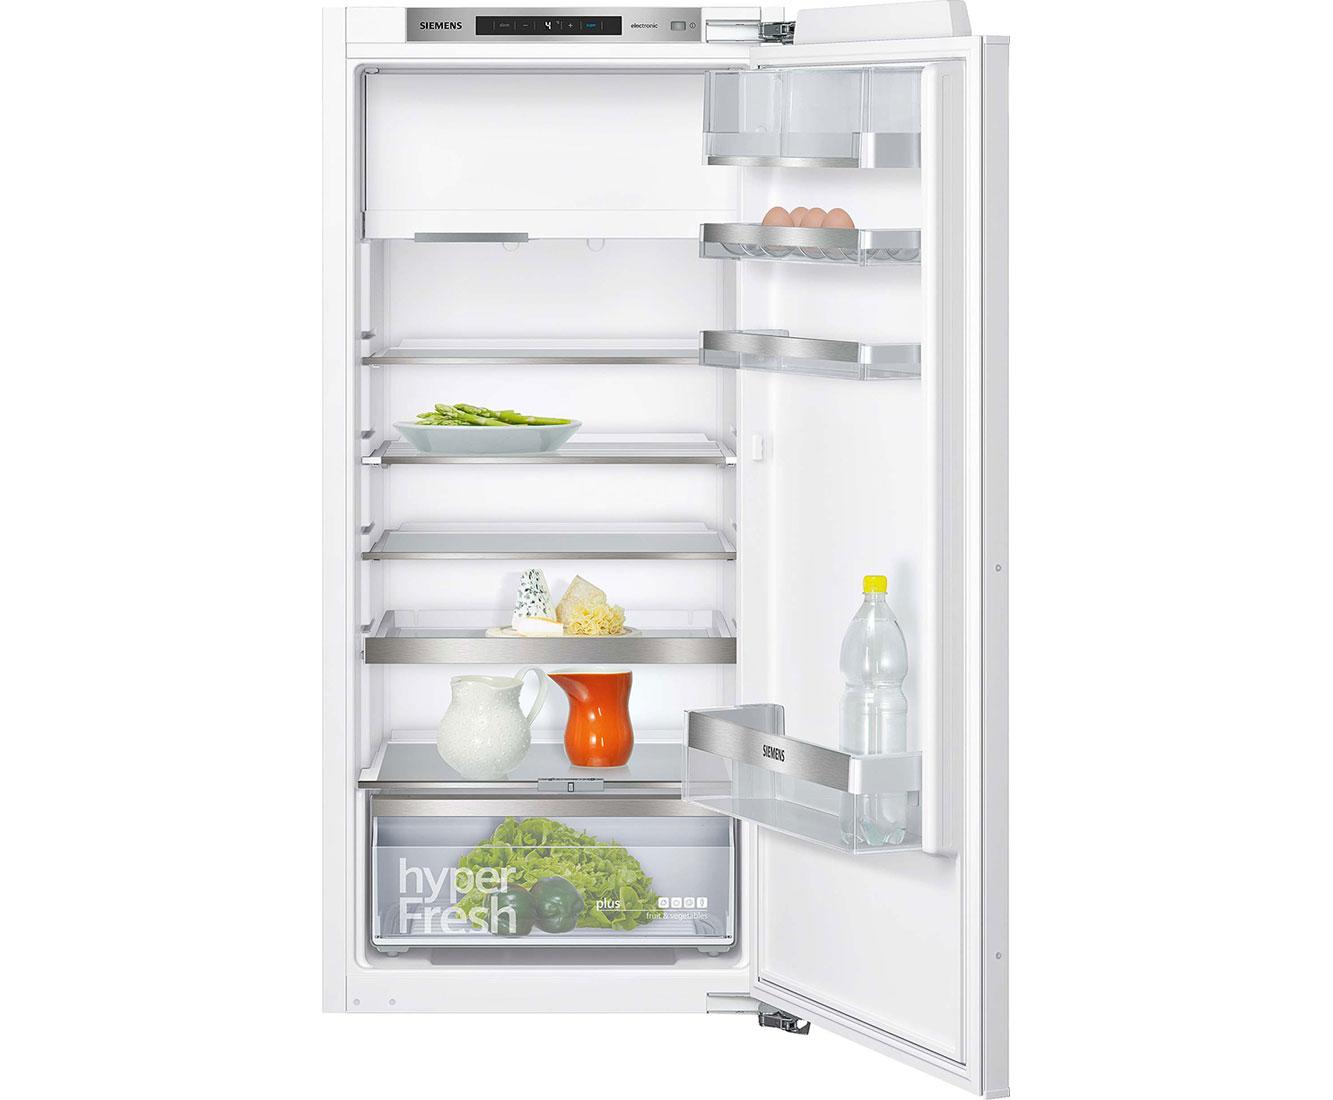 Siemens KI42LAF40 Kühlschränke - Weiß